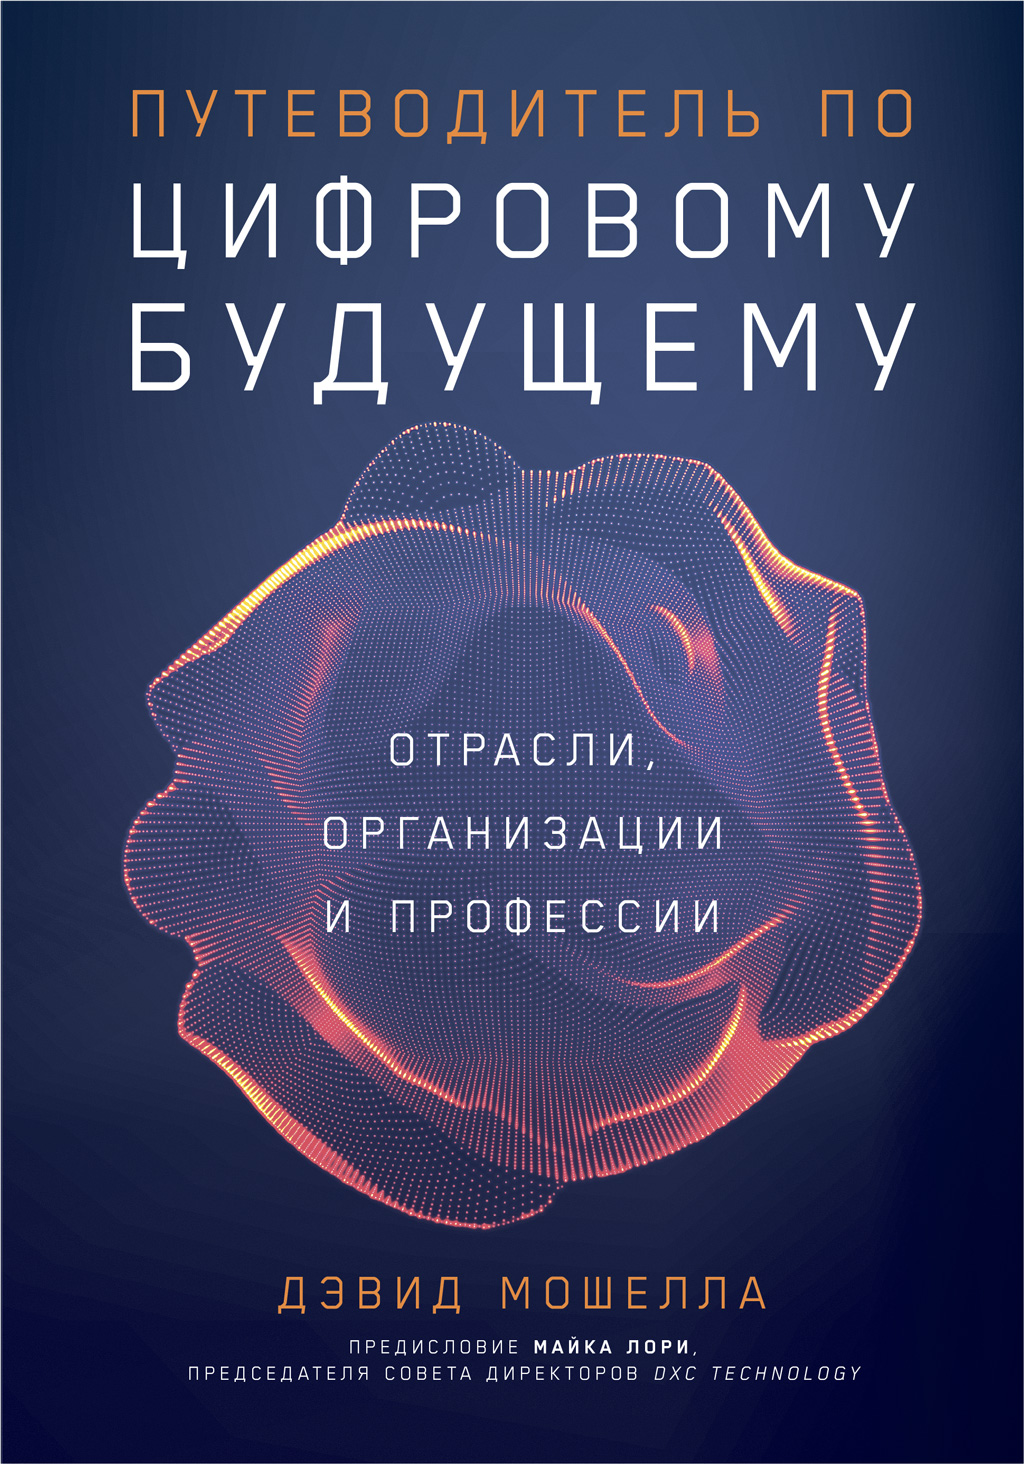 Путеводитель по цифровому будущему